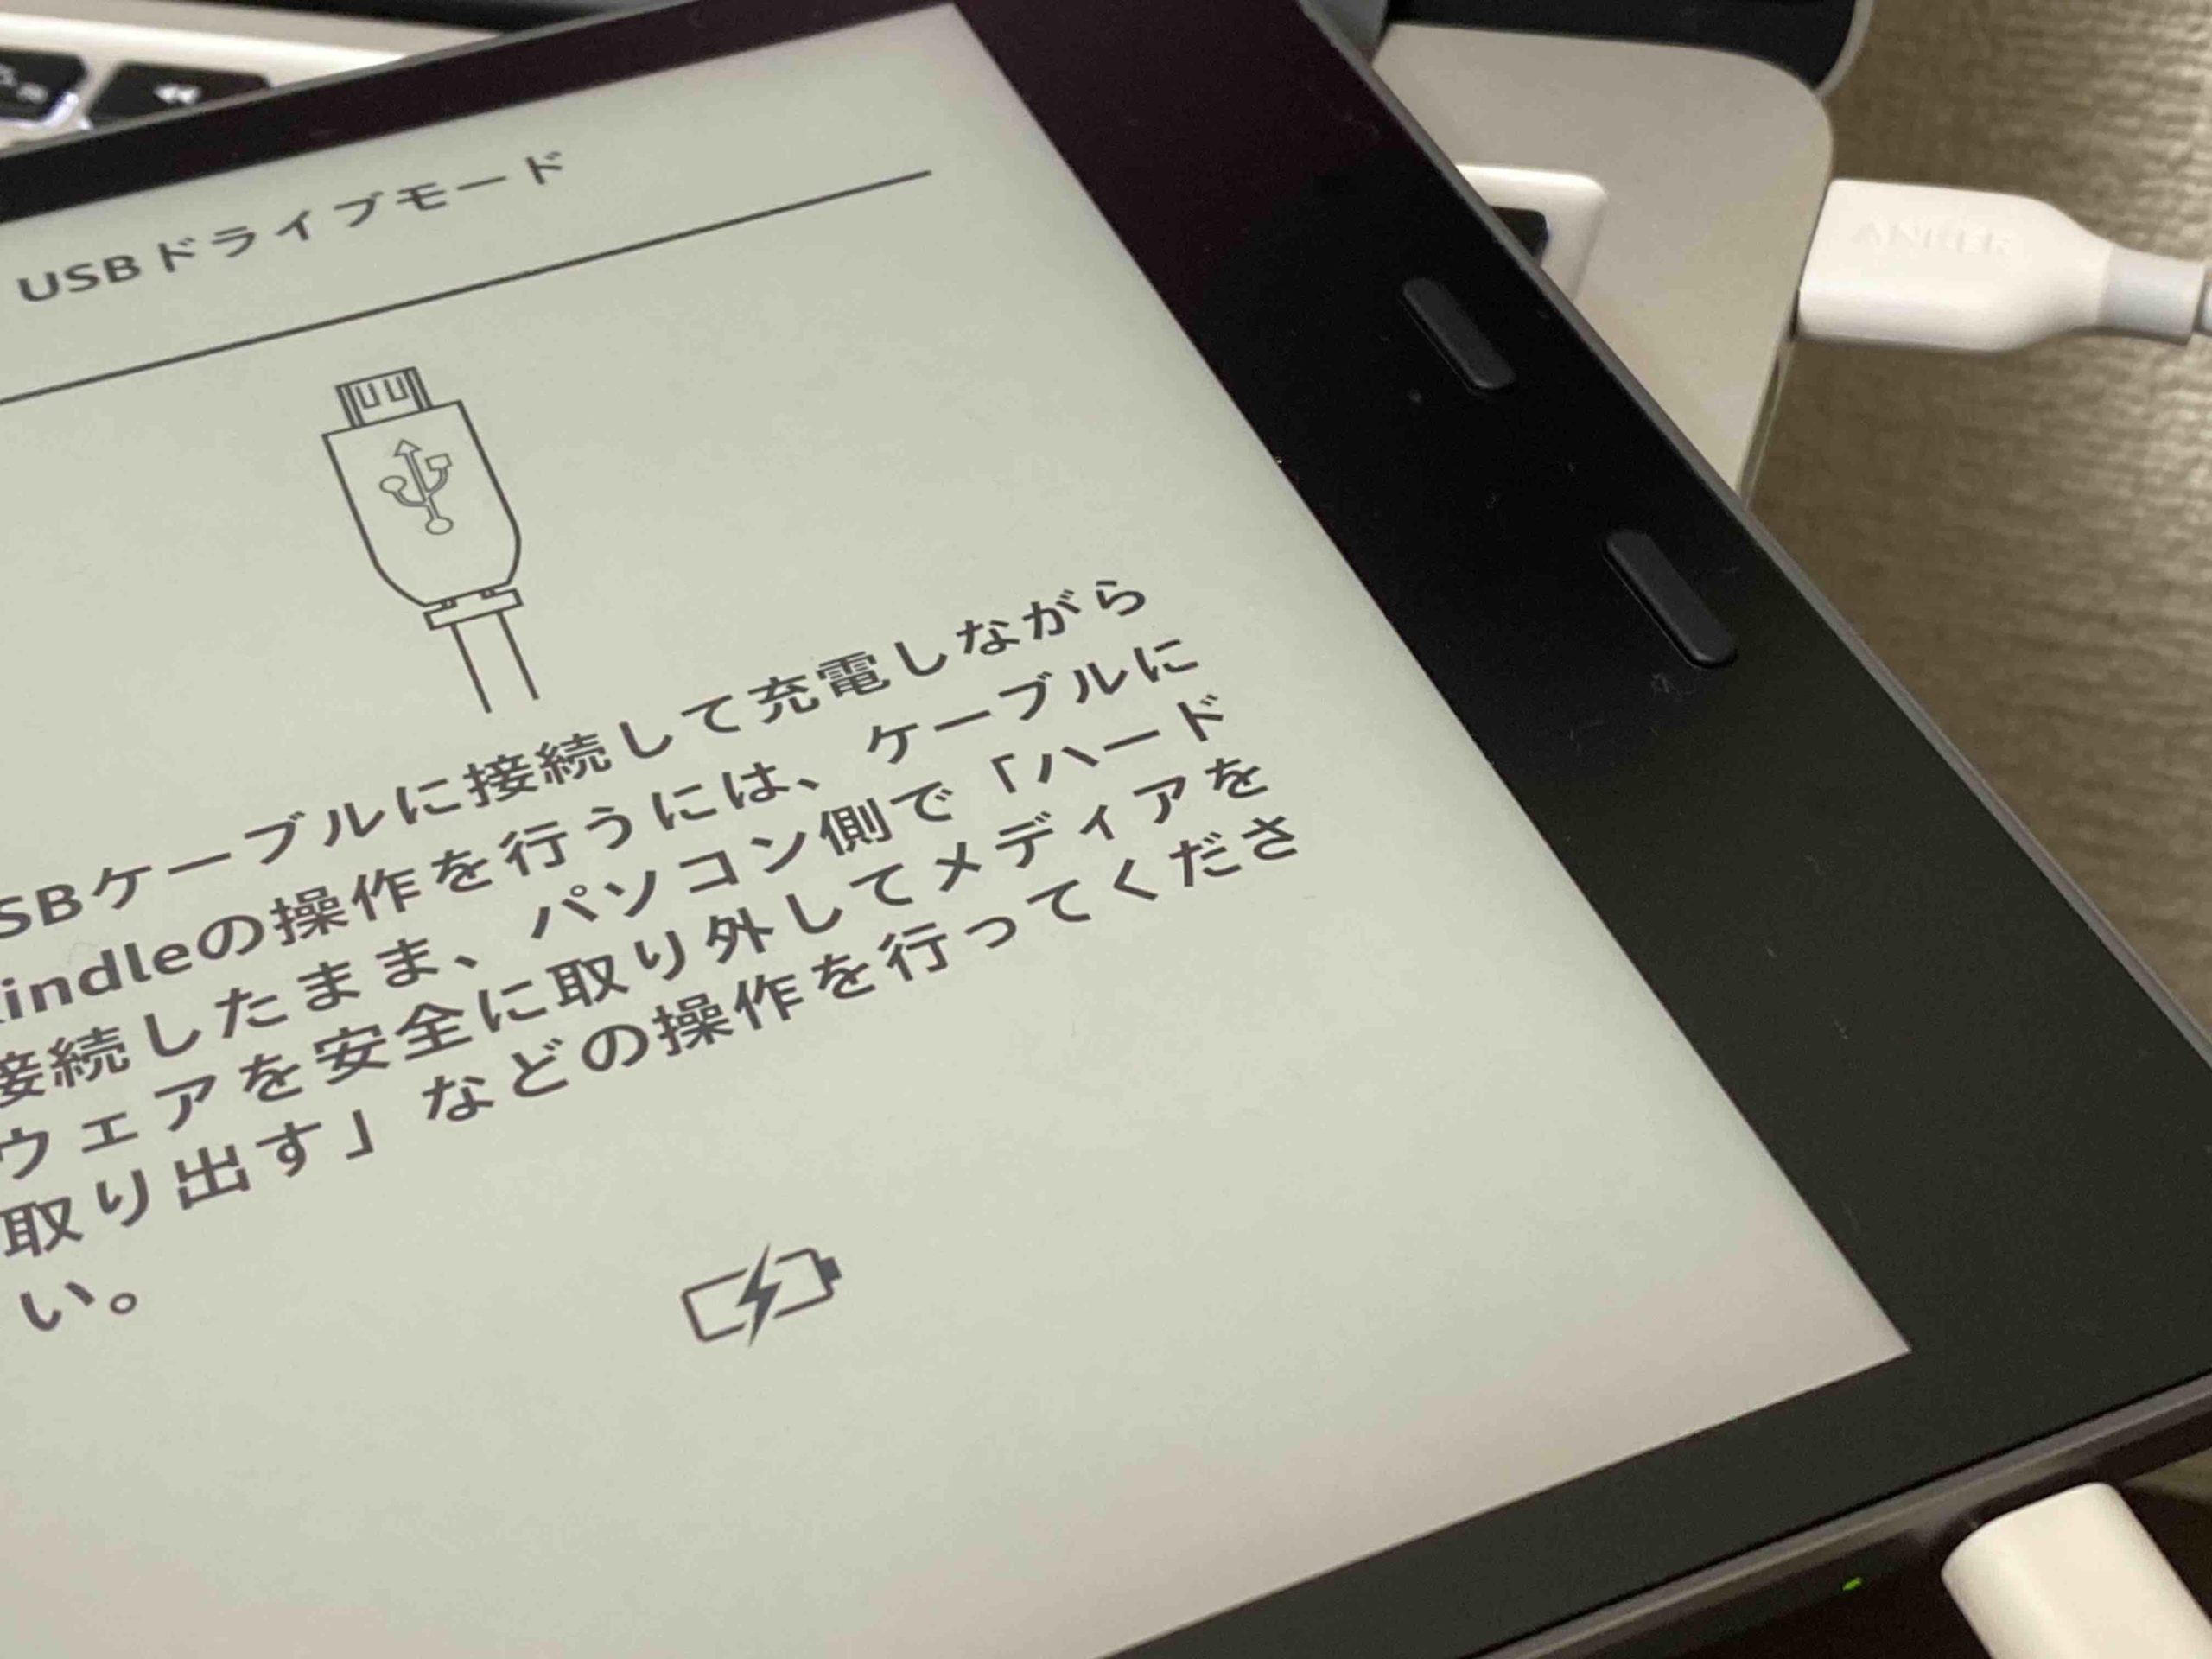 Kindle Oasis|キンドルオアシス 【スクリーンショット】Macの手順